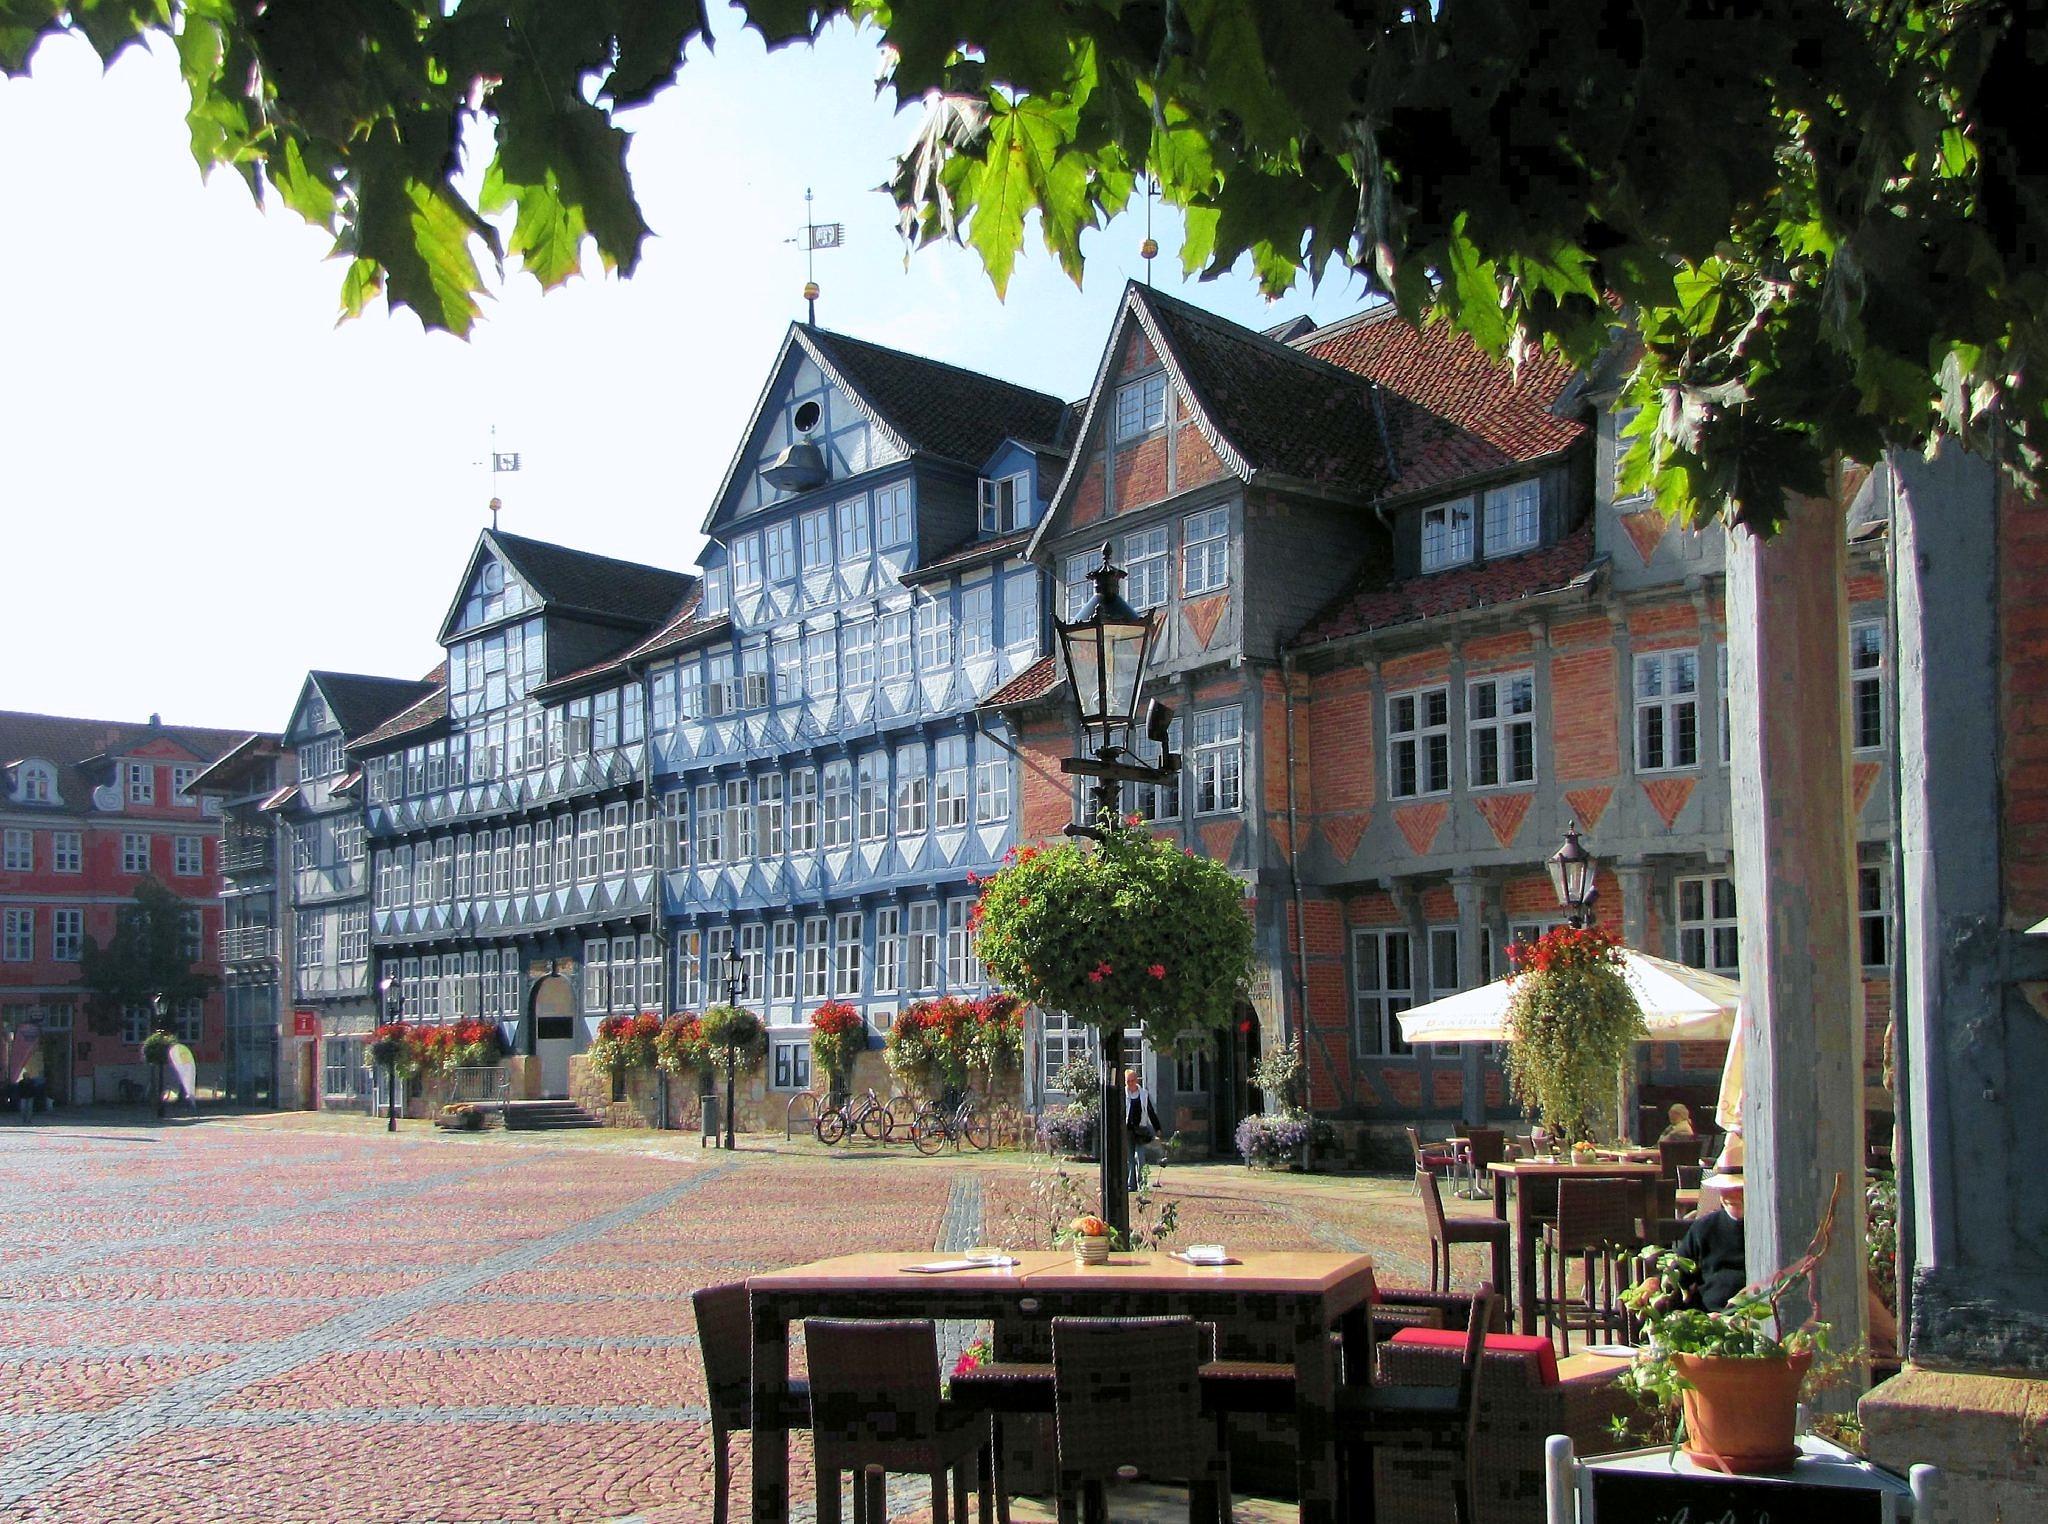 Stadt Wolfenbüttel schreitet weiter voran auf dem Weg zur Digitalisierung